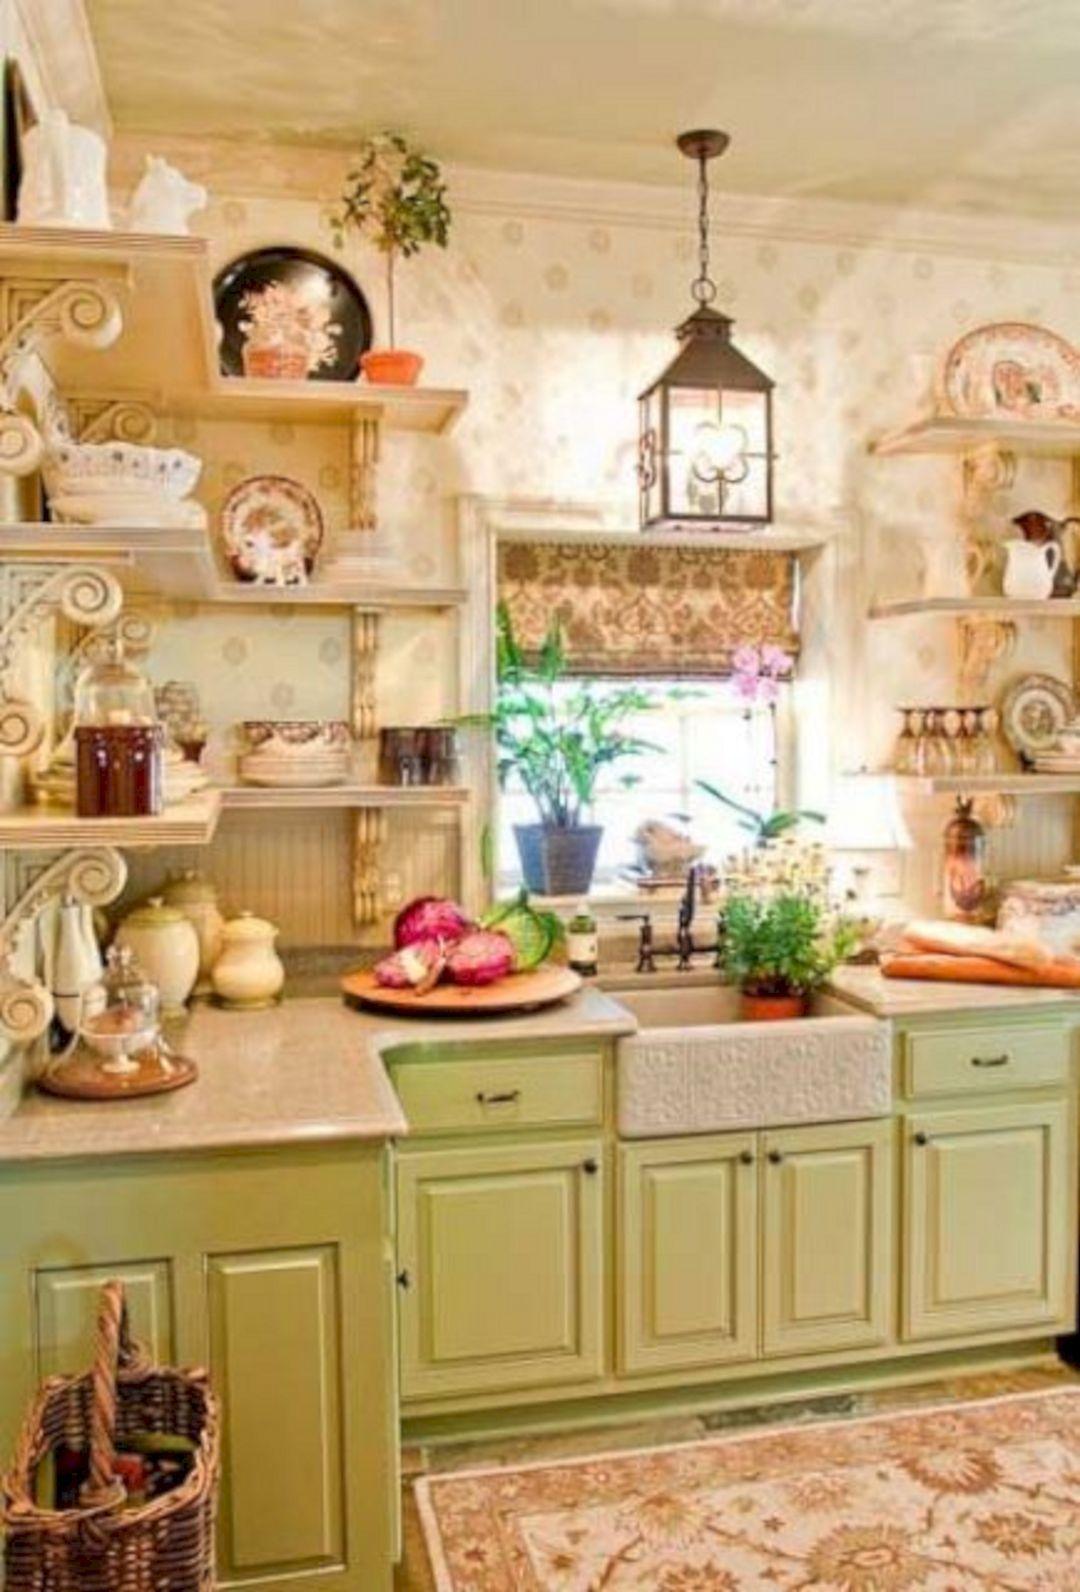 23 awesome vintage farmhouse kitchen designs for cozy kitchen ideas rh pinterest com au